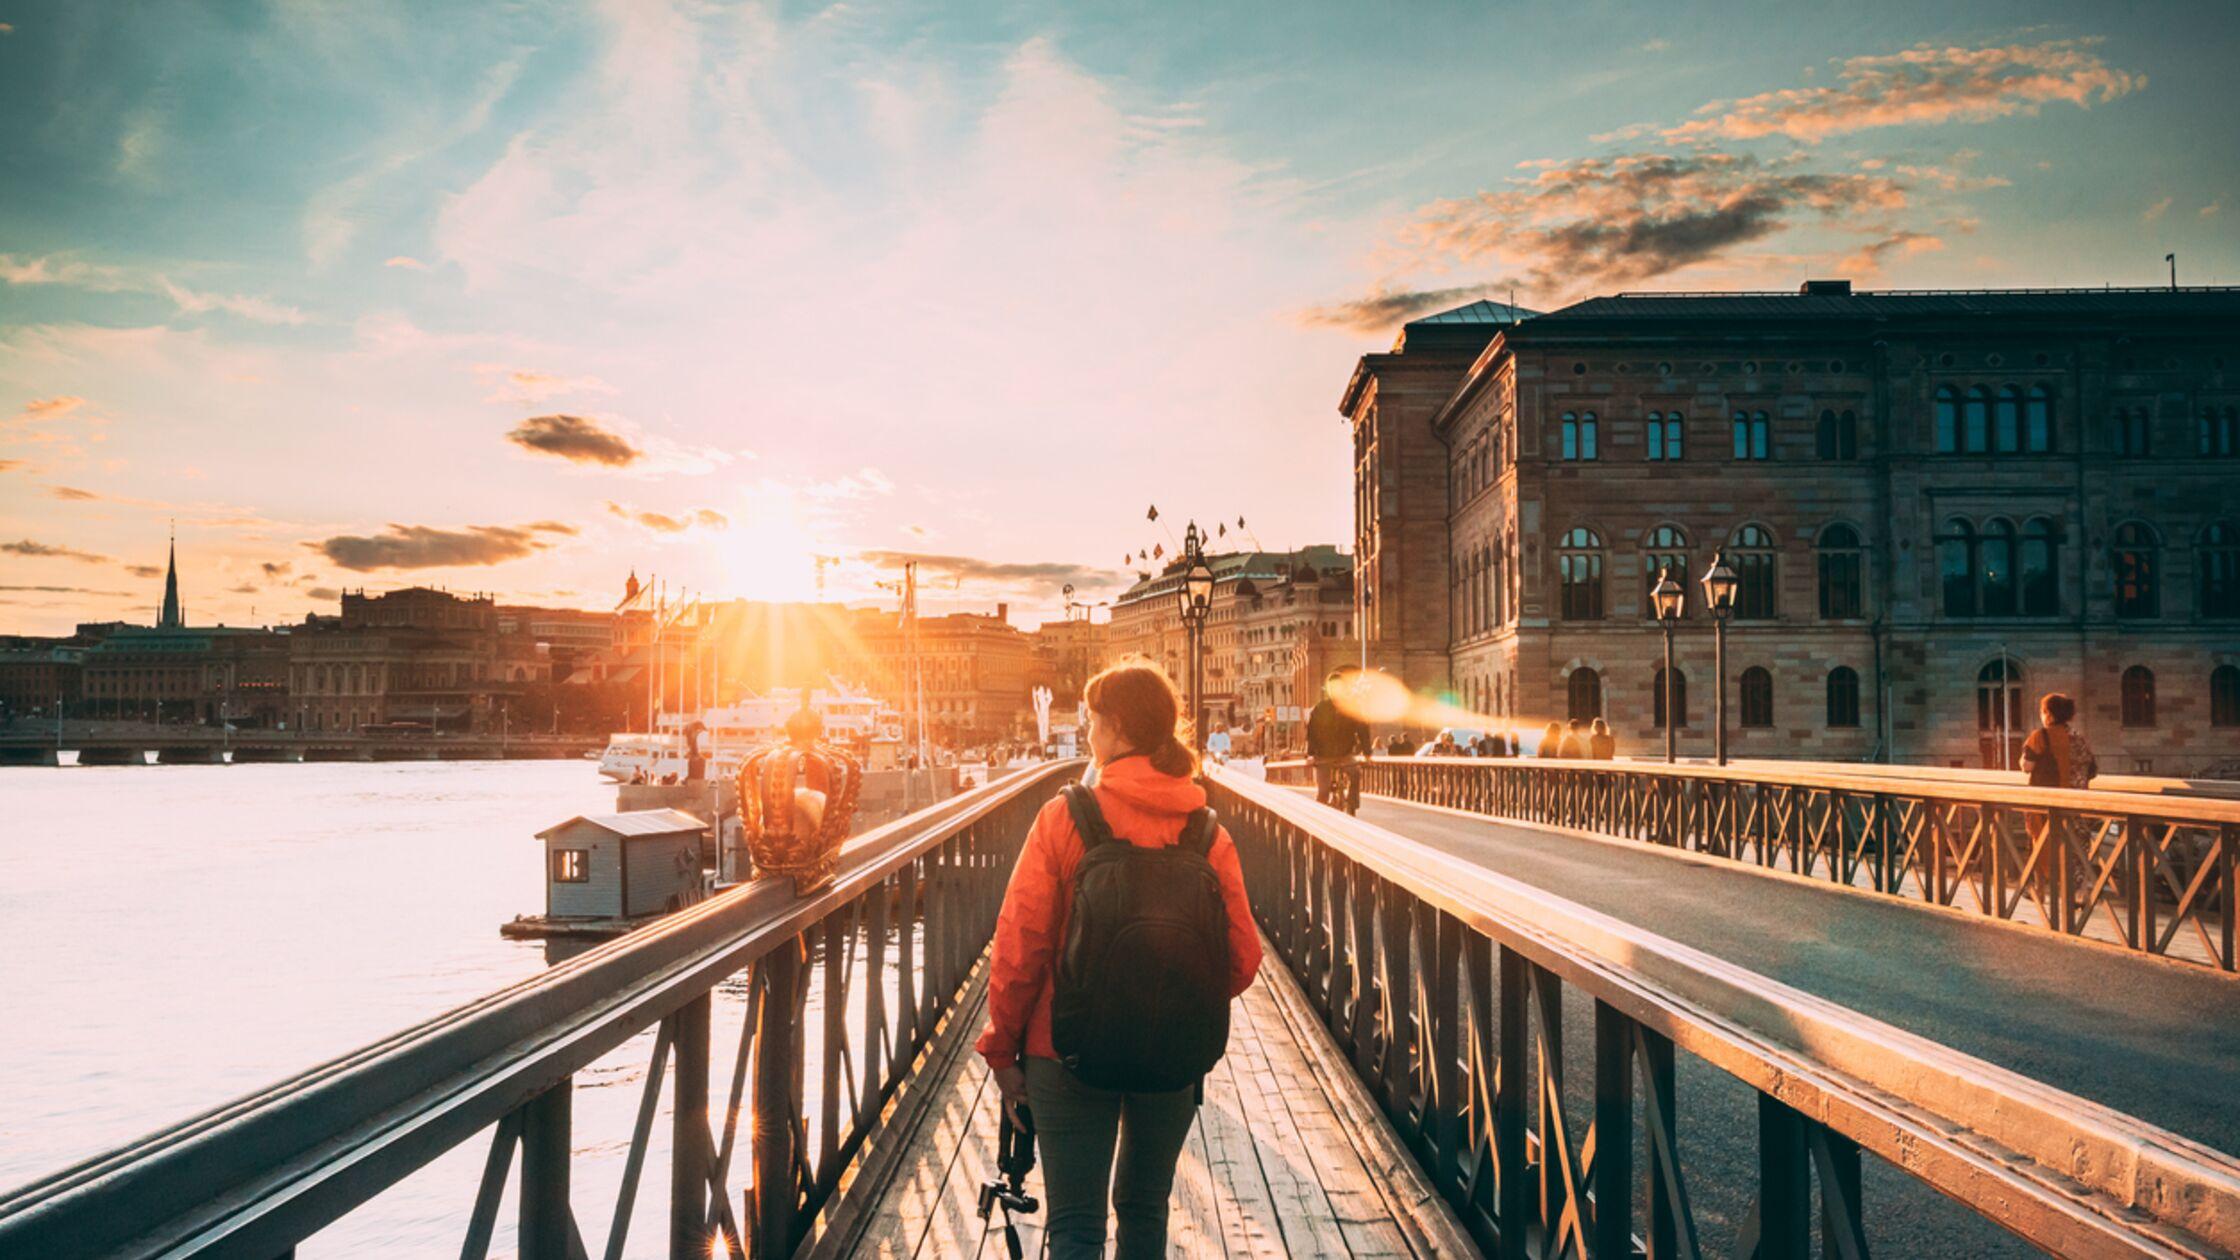 Auswandern nach Schweden: Das sollten Sie wissen